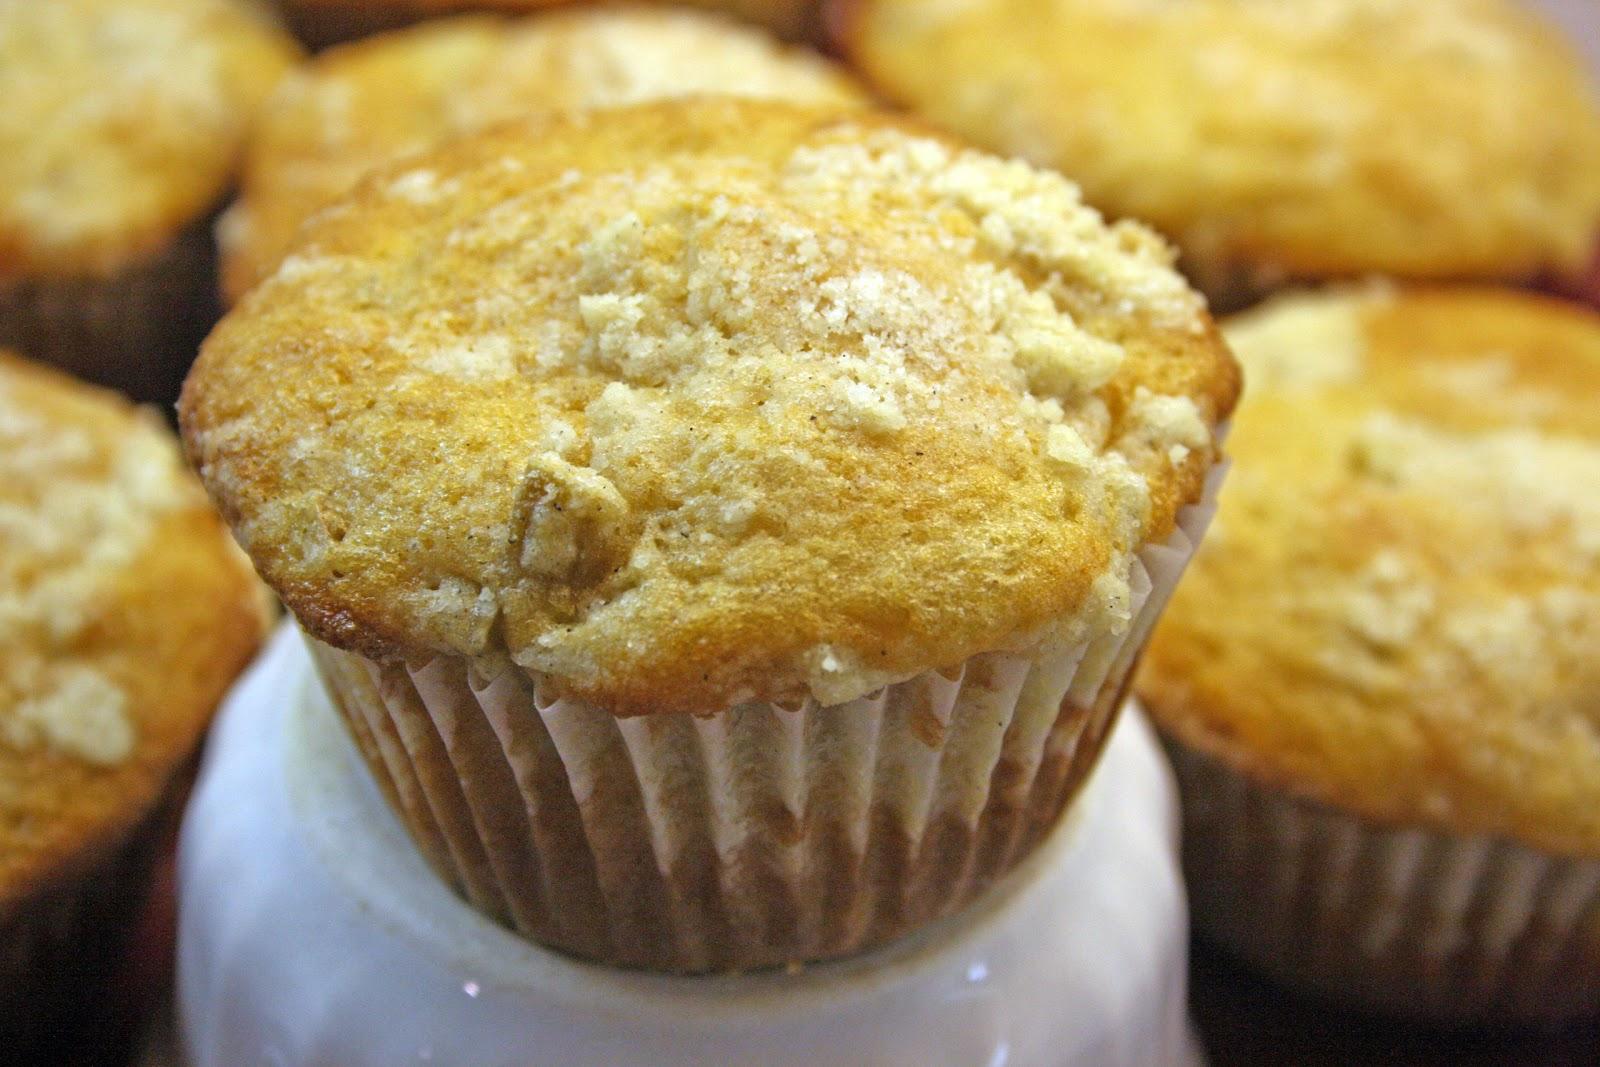 ... rhubarb muffins with cardamom rhubarb muffins with cardamom rhubarb